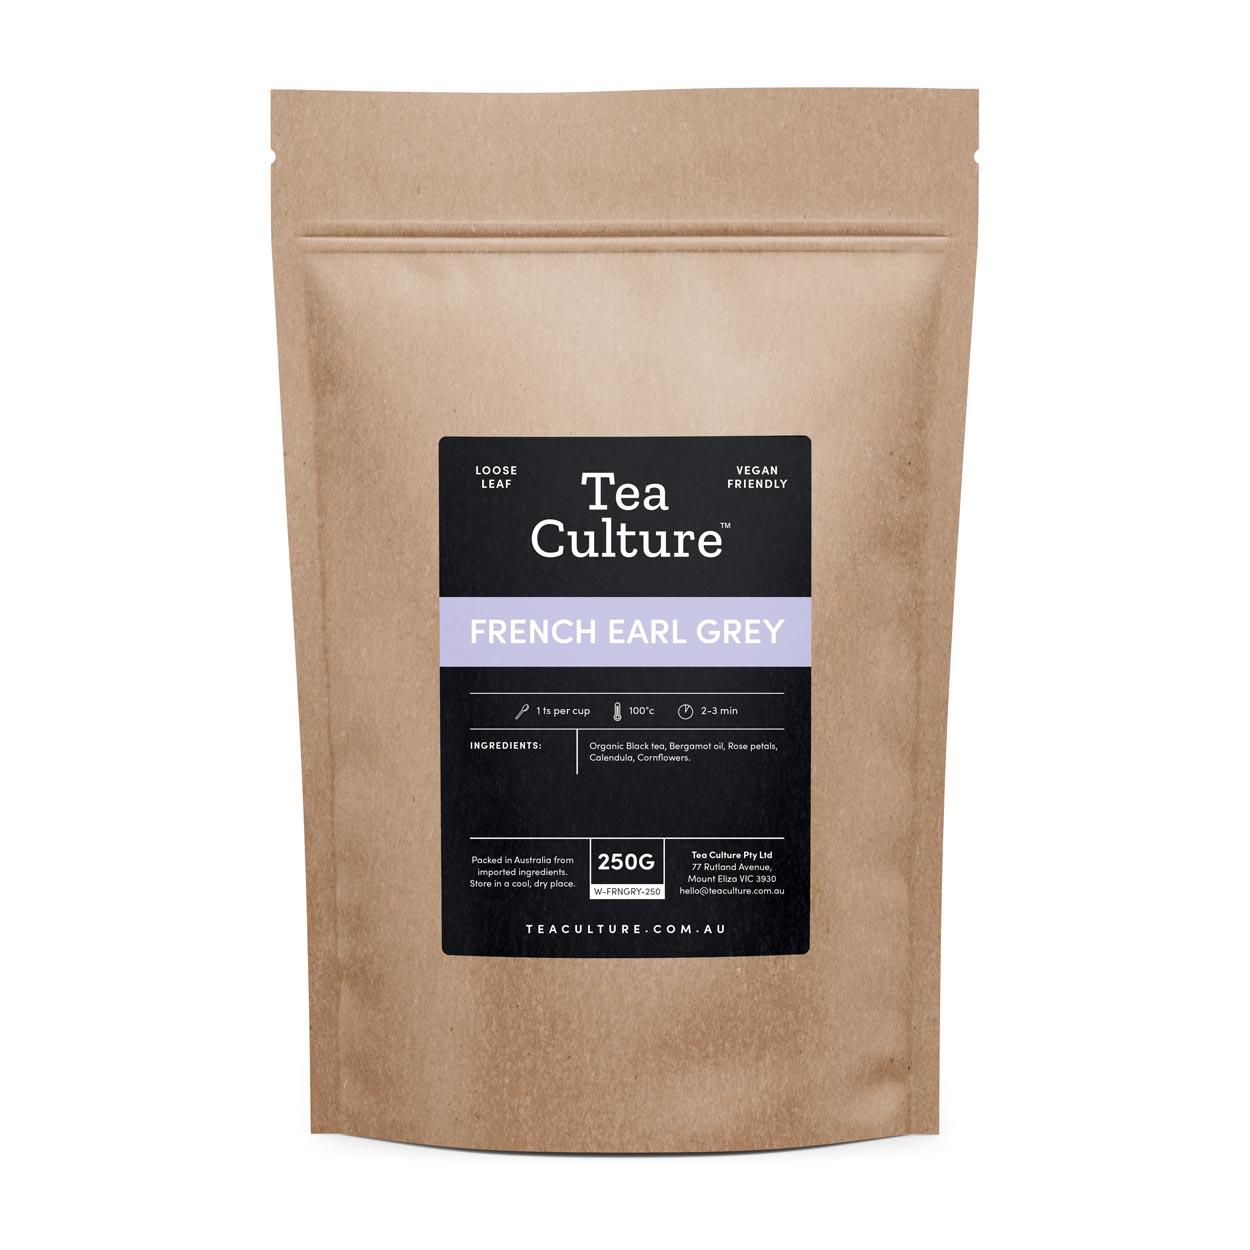 Tea Culture™ 250g French Earl Grey Loose Leaf